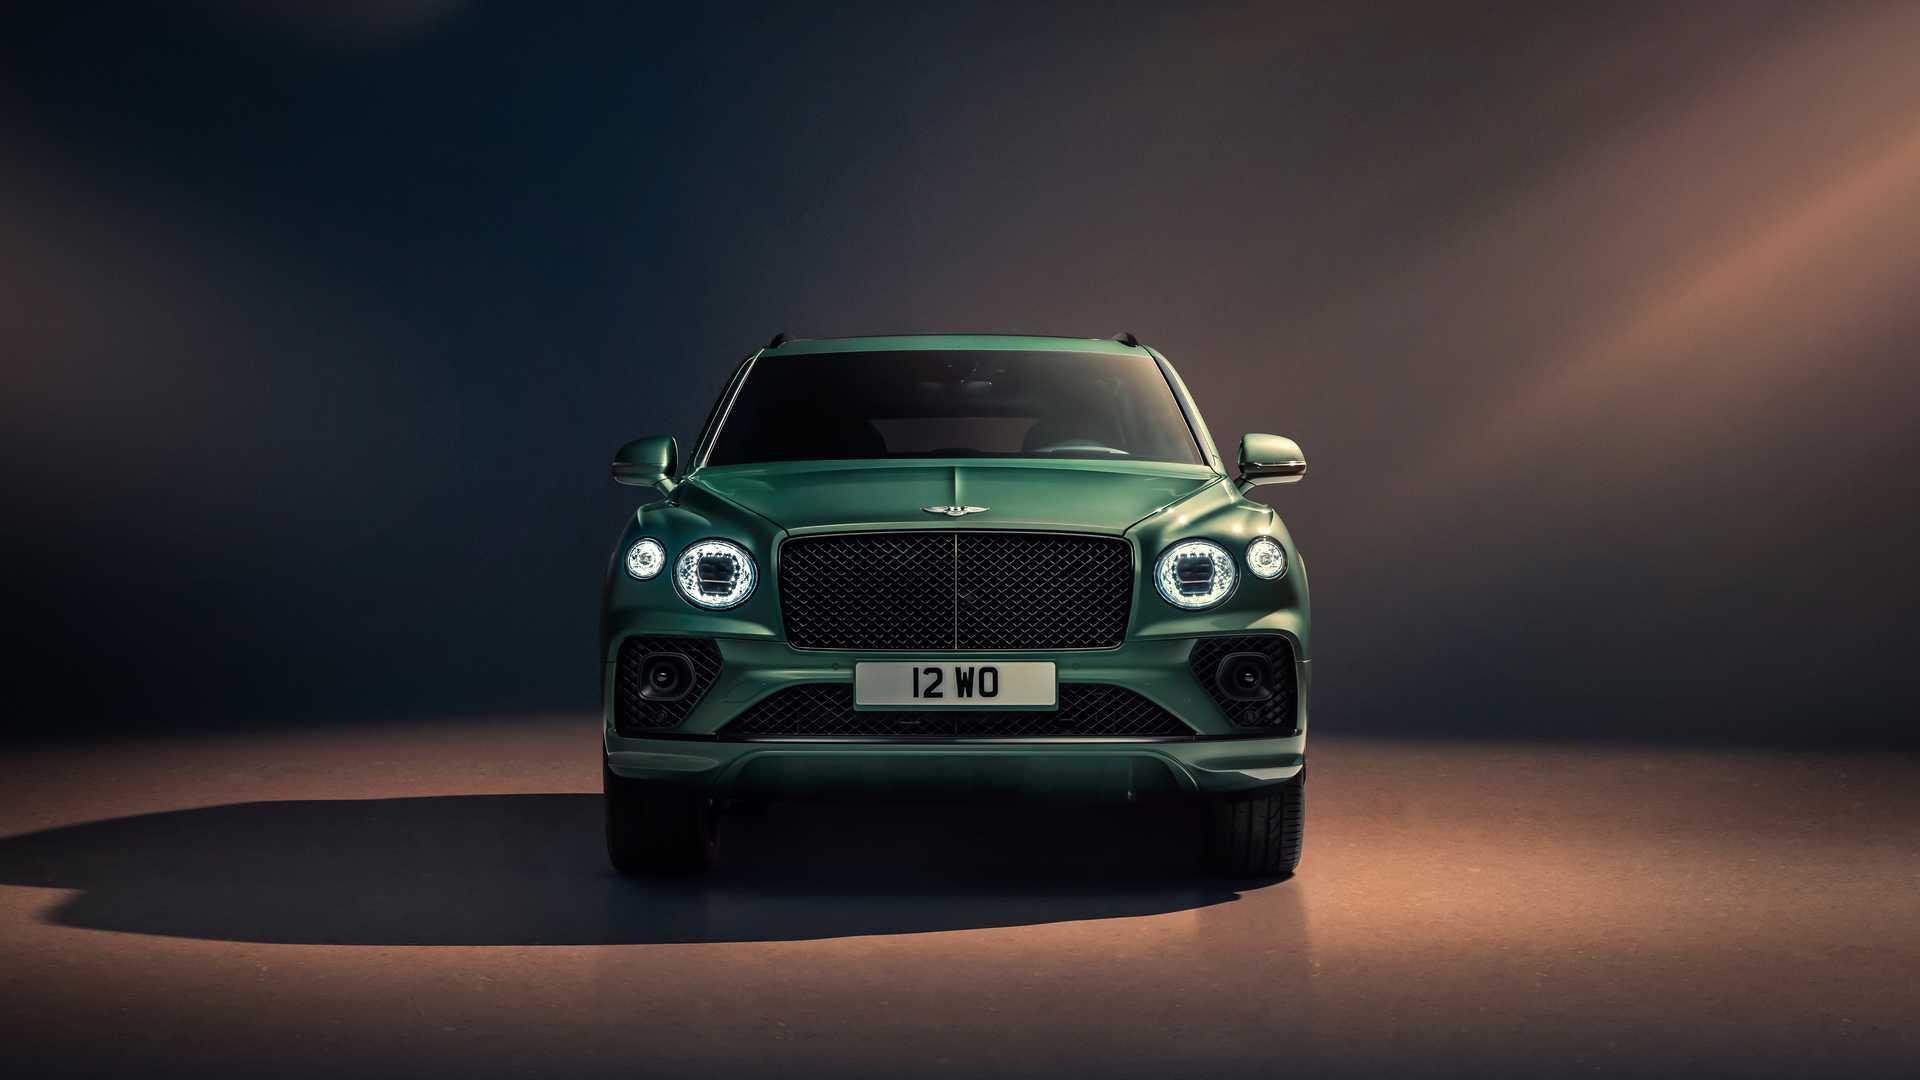 Đánh giá xe Bentley Bentayga 2022 – Chiếc SUV siêu sang nhanh nhất thế giới